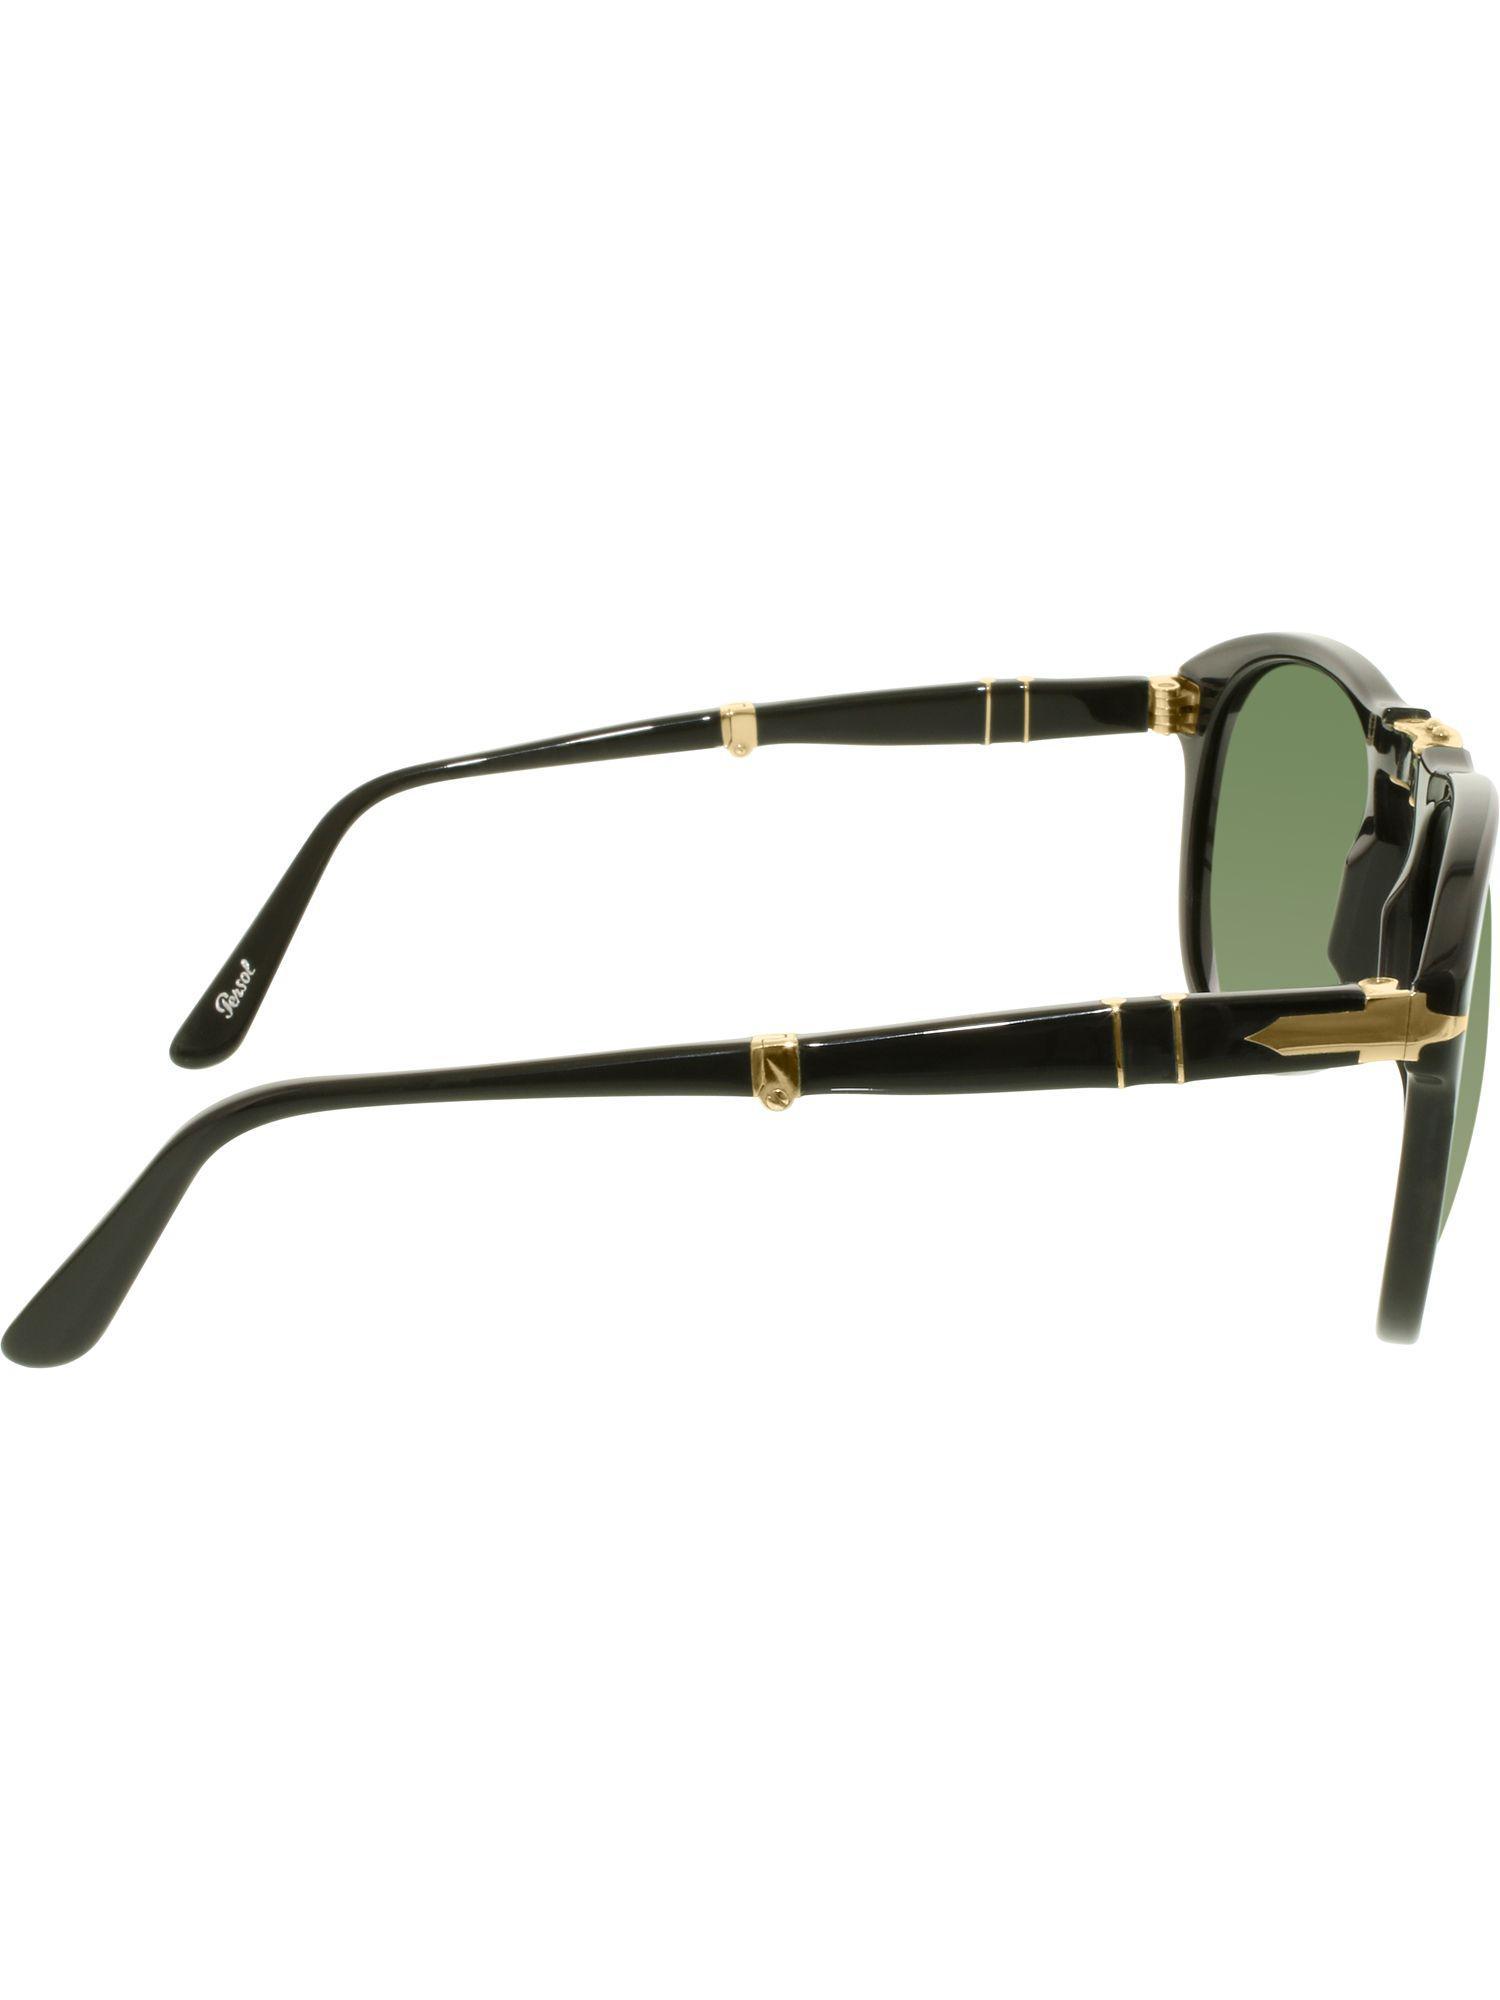 430fba953a Persol - Multicolor Sunglasses Po714 95 31 Size 54mm Shiny Black 714 for Men.  View fullscreen